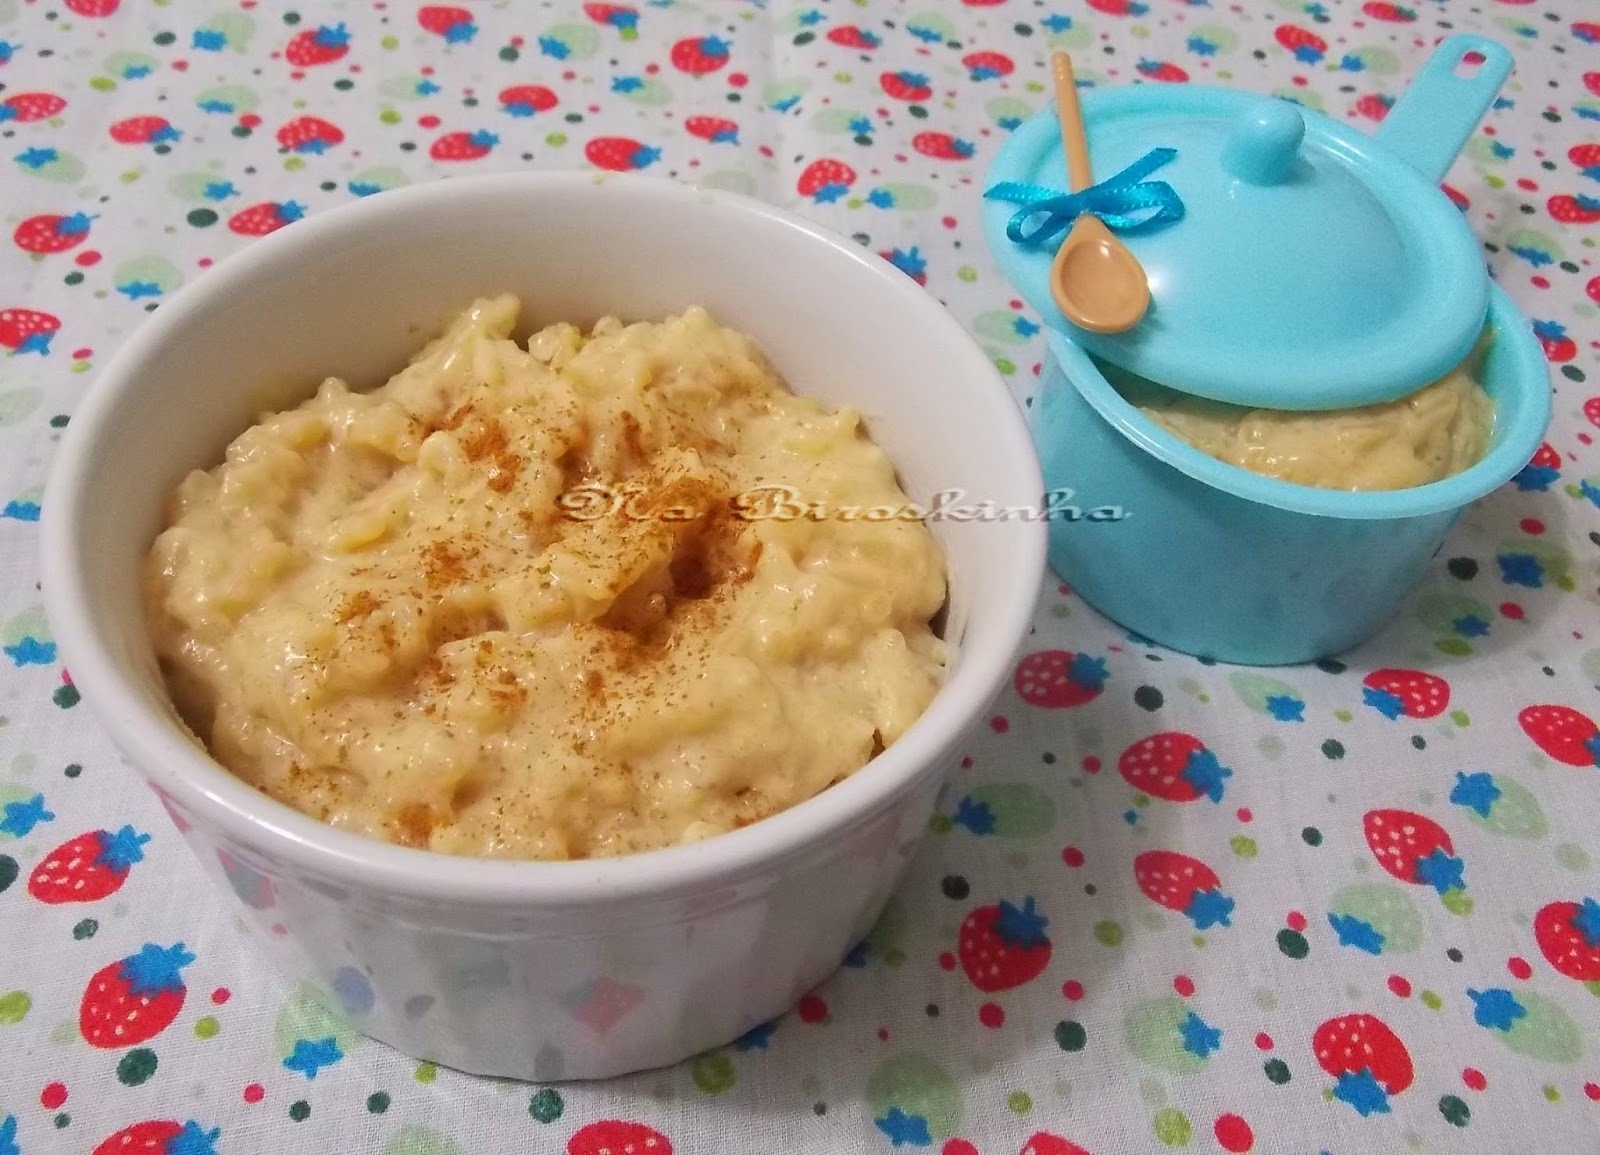 arroz doce com leite em pã³ e leite condensado